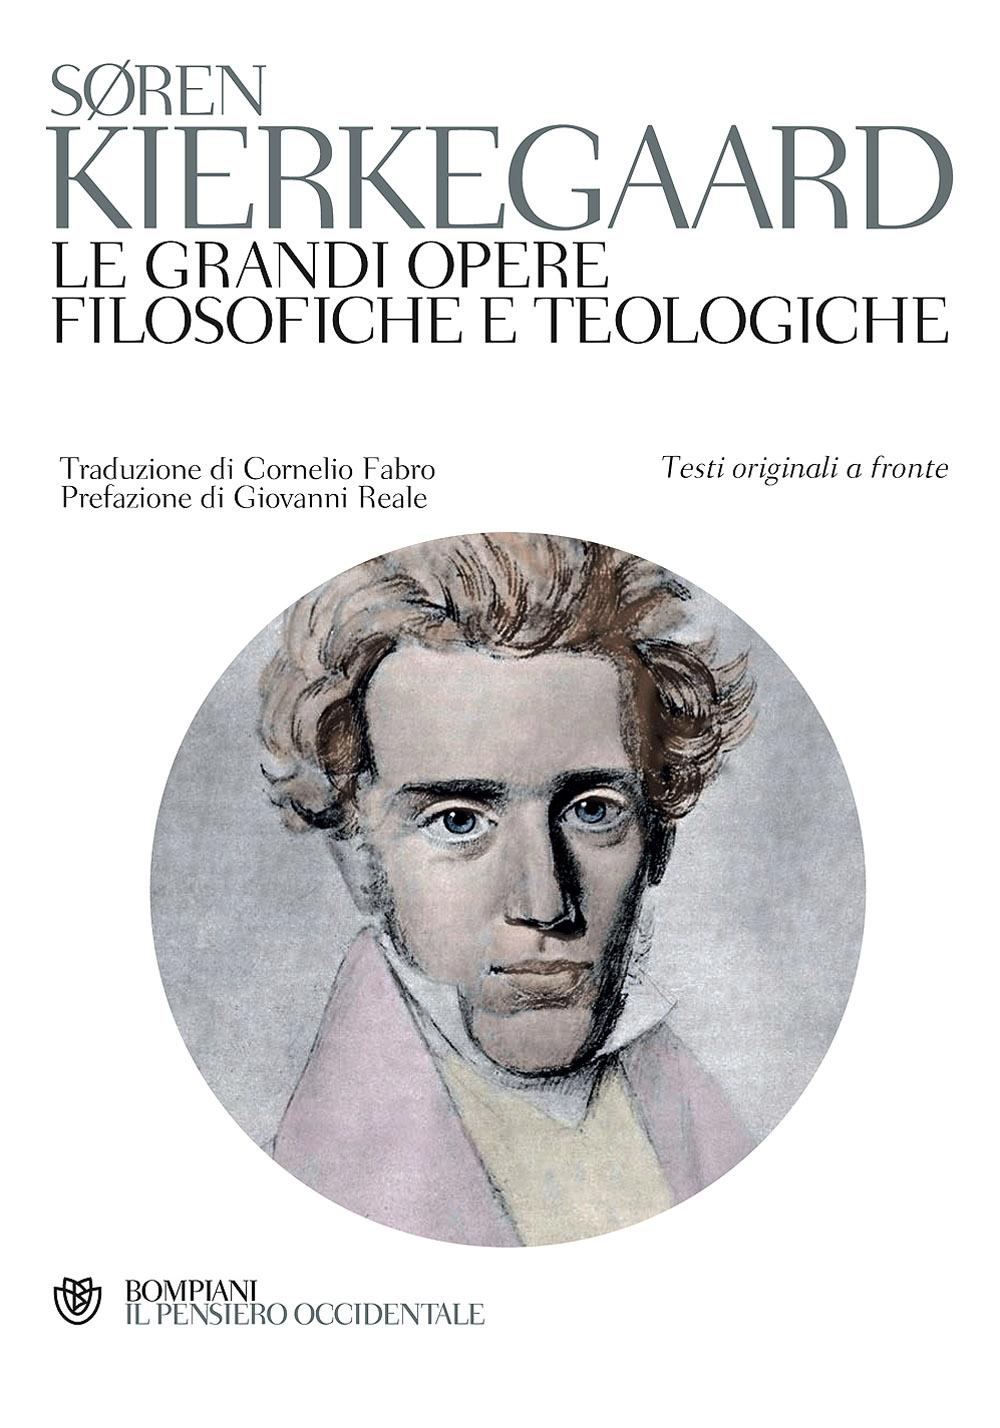 Le grandi opere filosofiche e teologiche